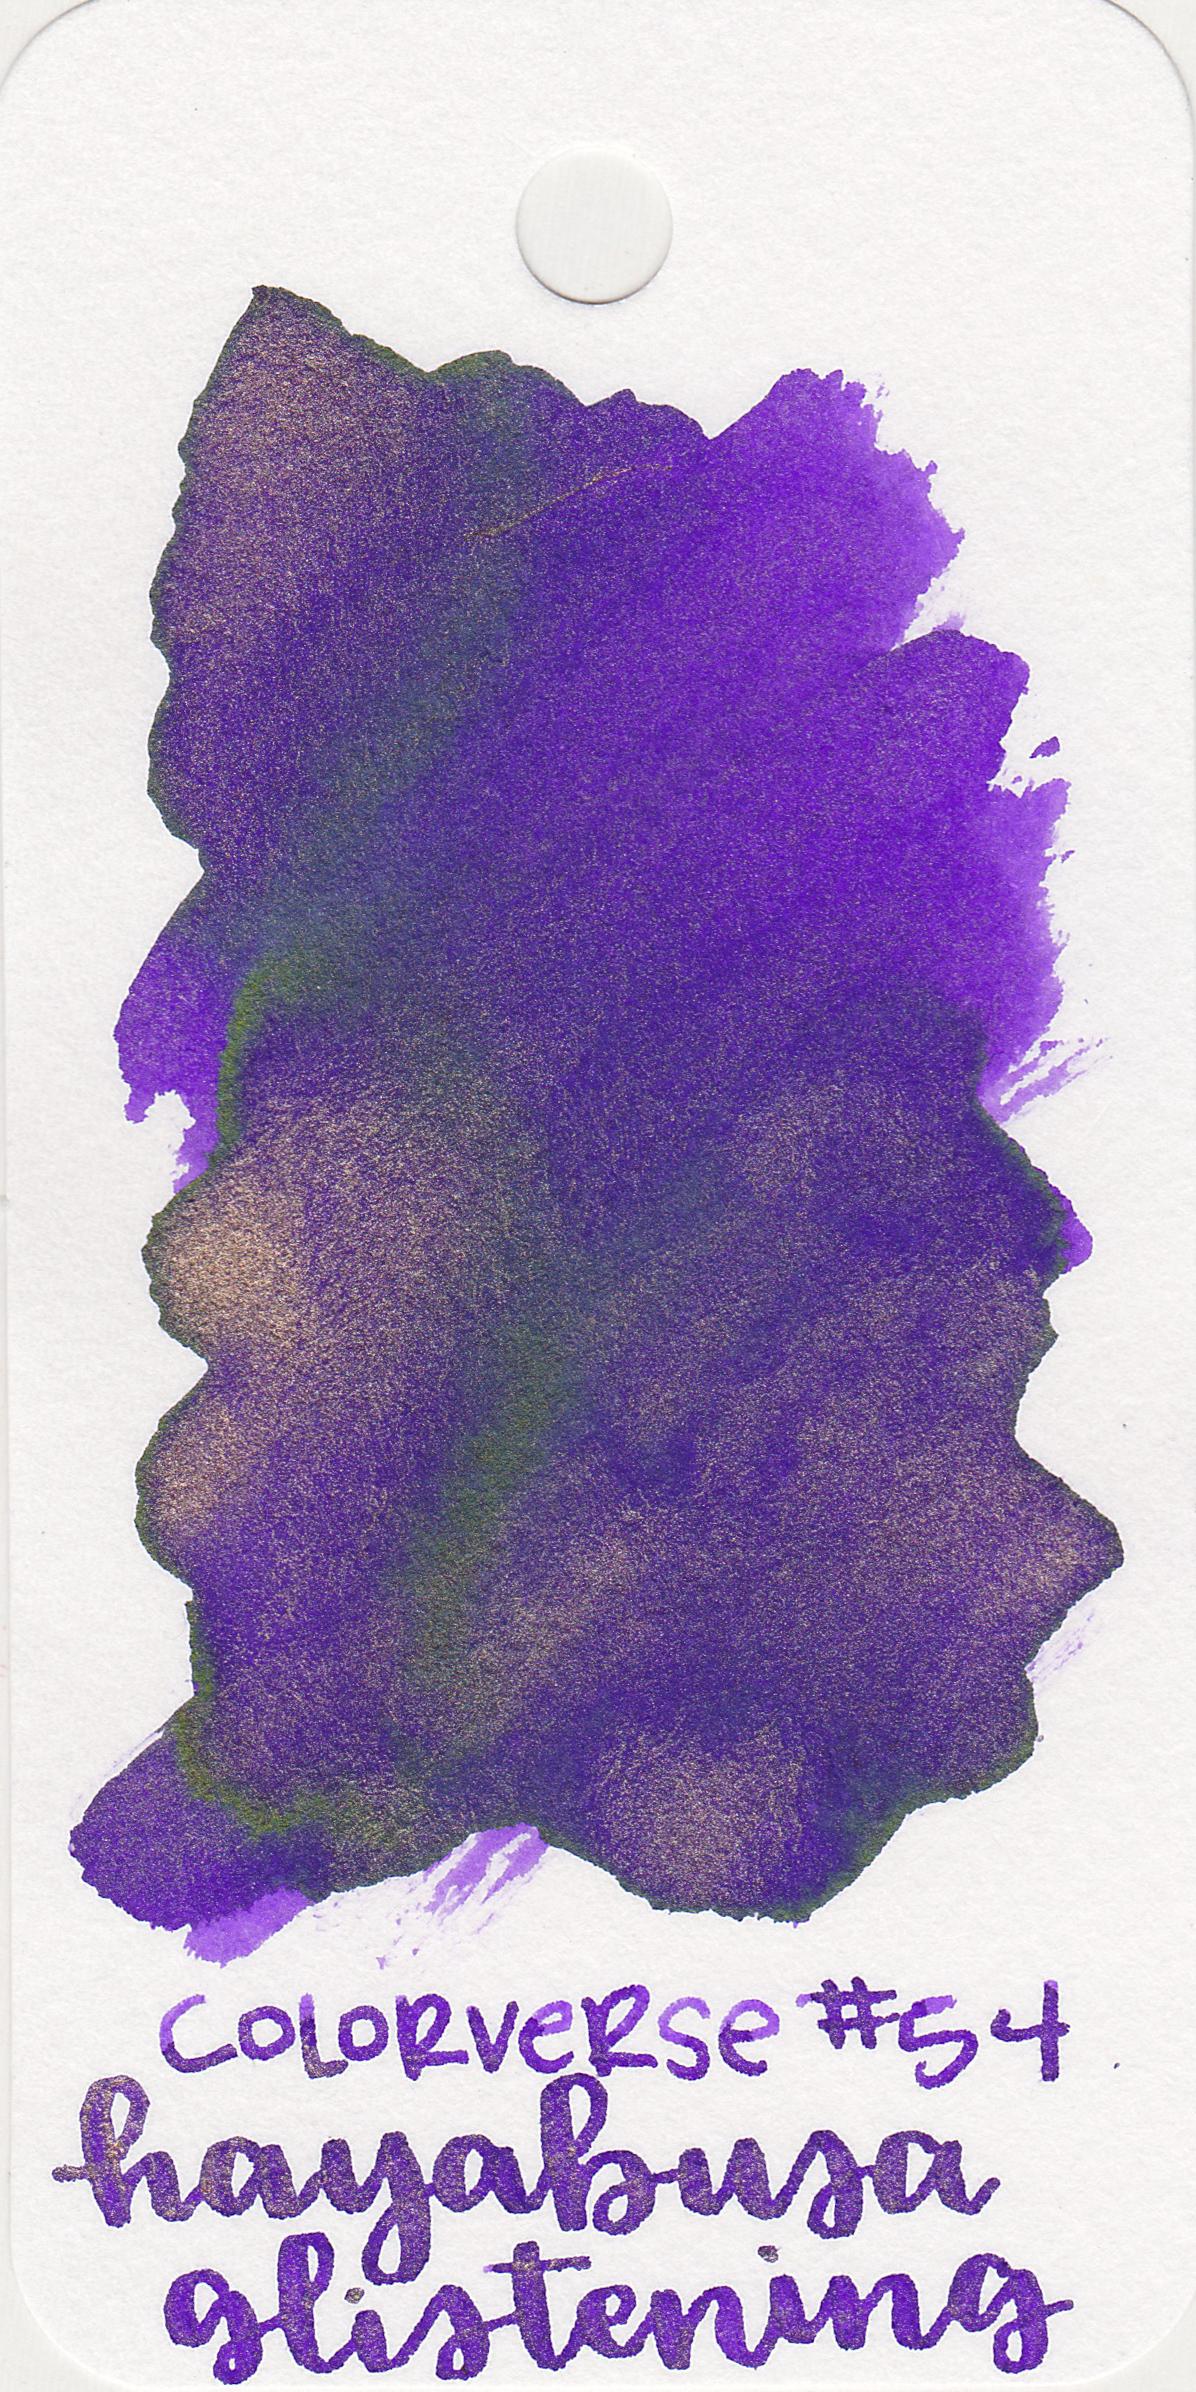 cv-hayabusa-glistening-1.jpg